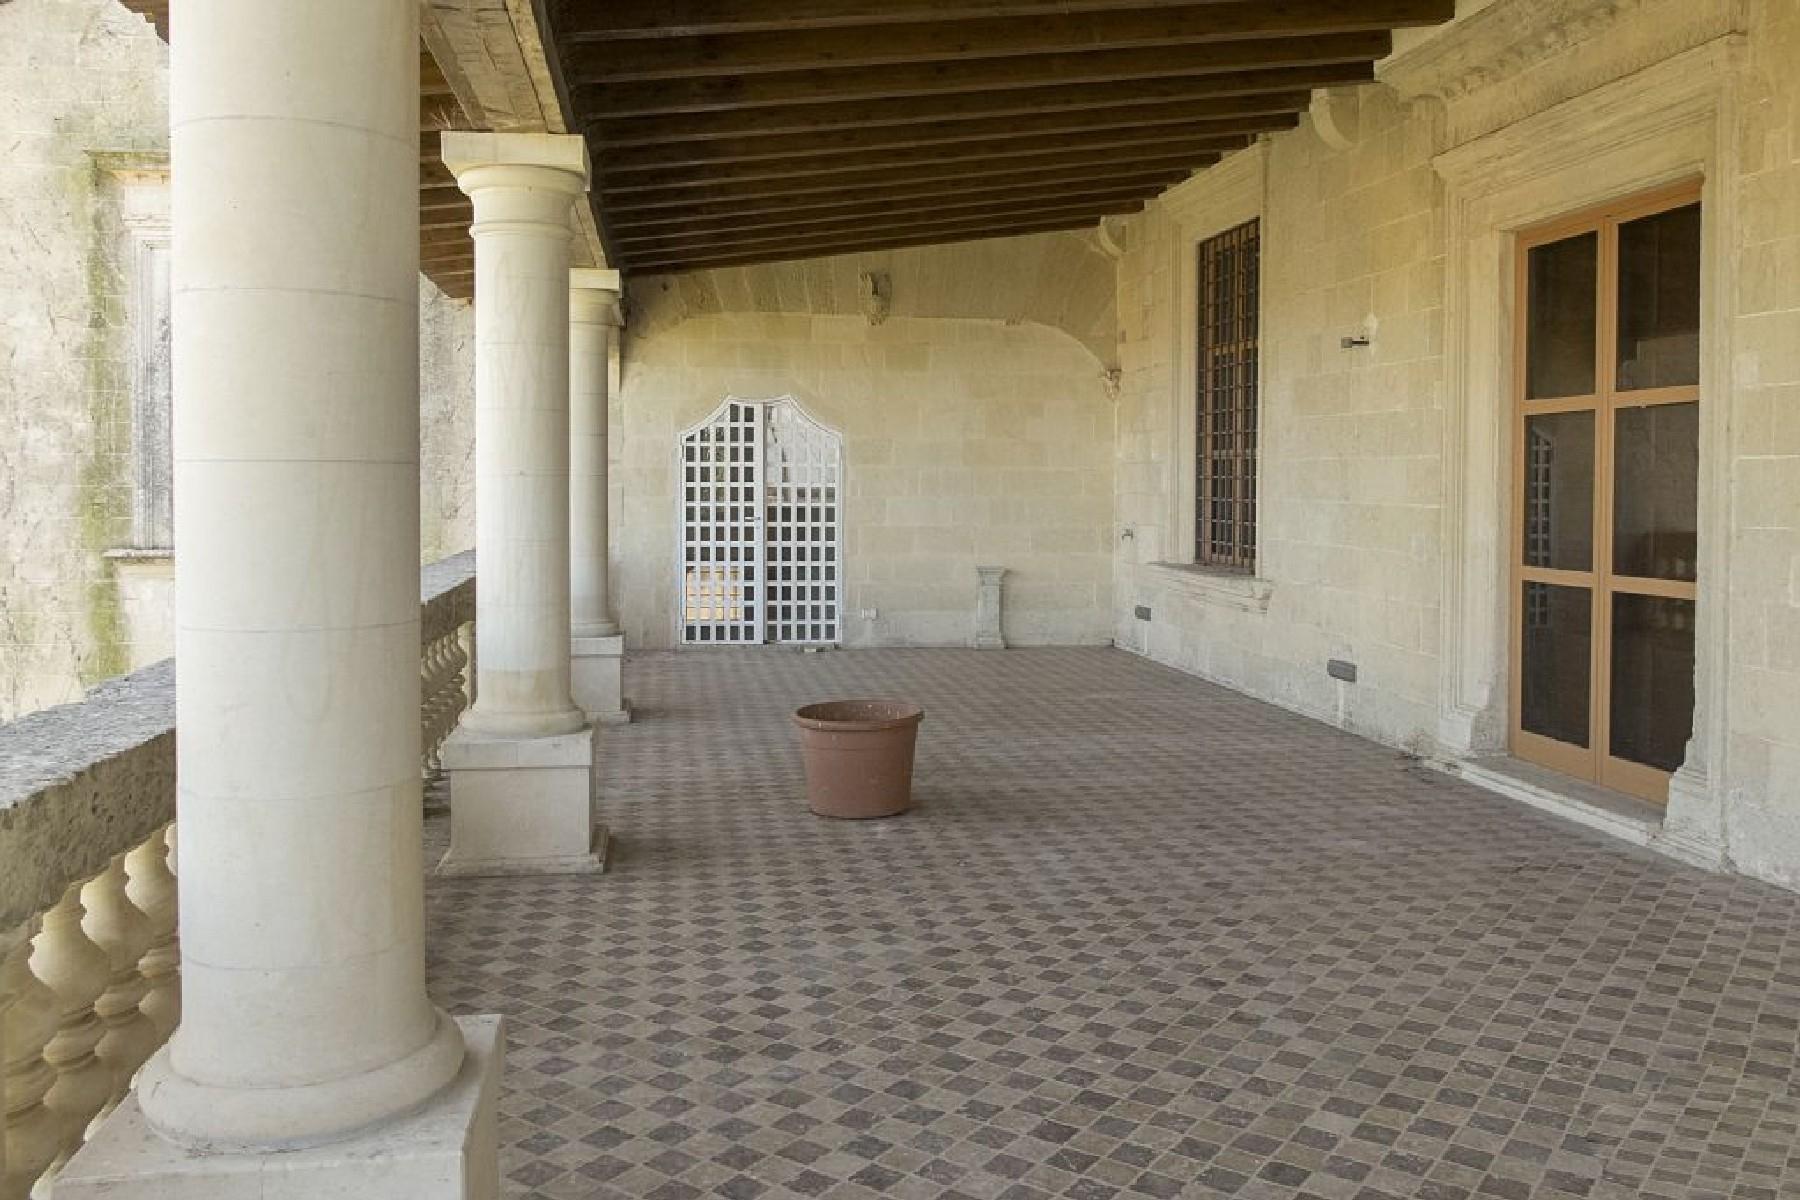 Antico ed imponente Palazzo nelle immediate vicinanze della Lecce barocca - 5